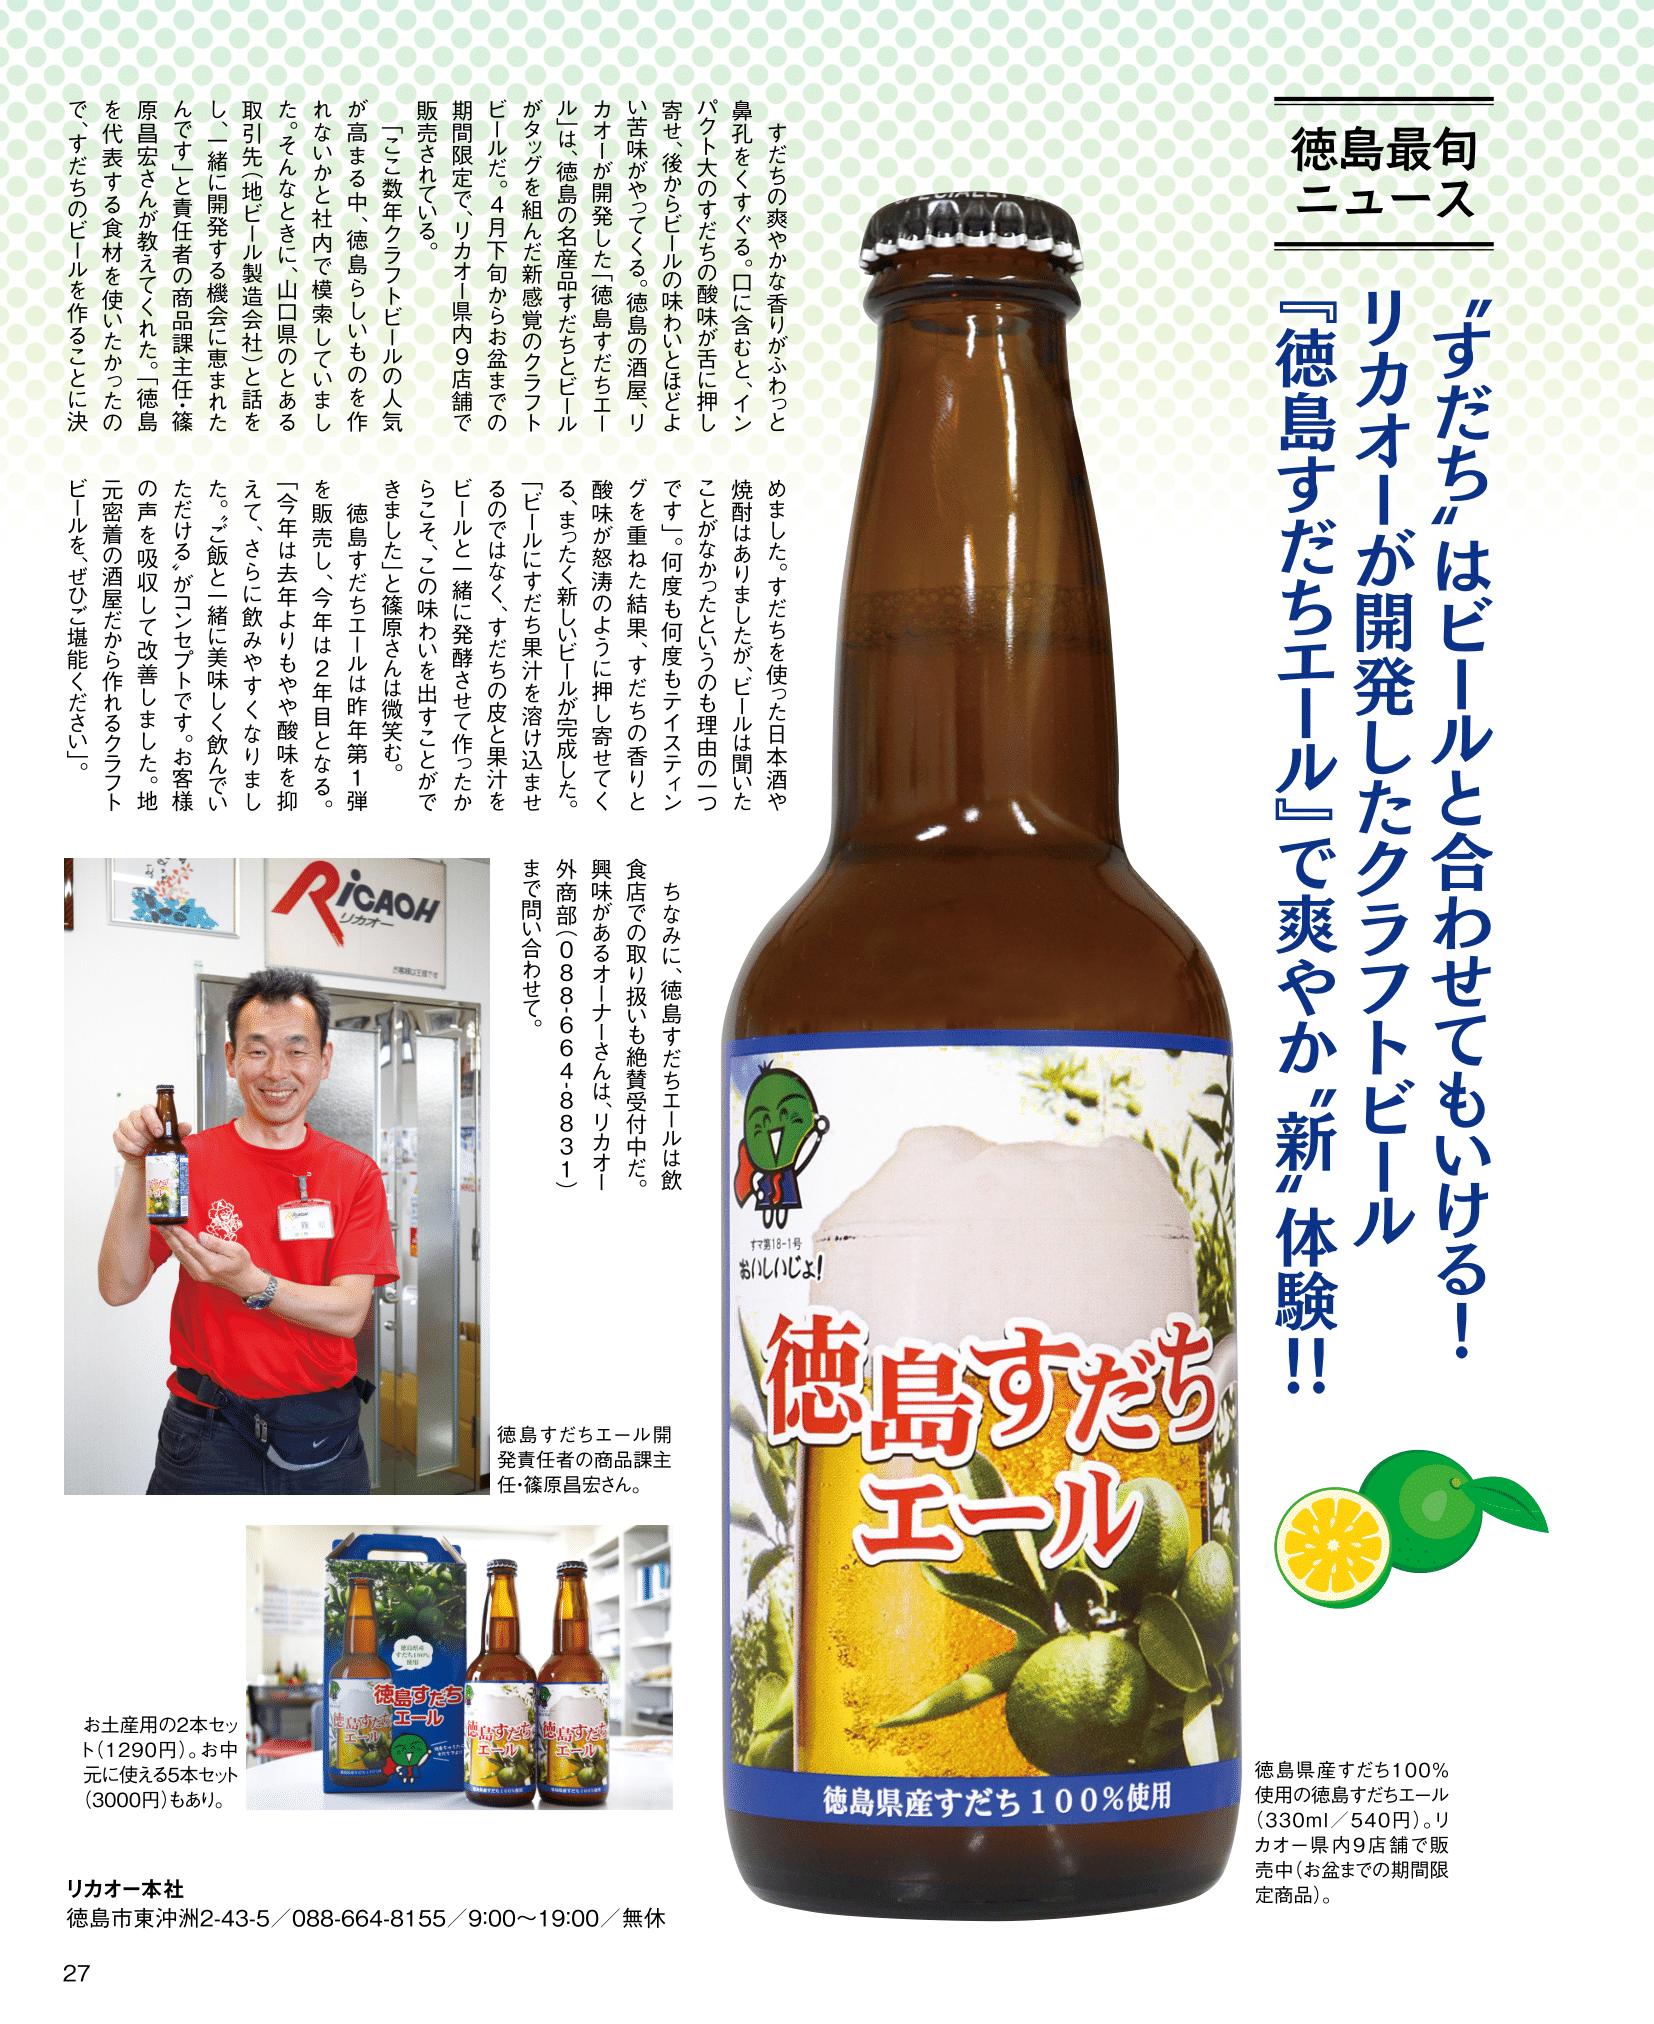 「徳島すだちエール」タウトク7月号に掲載されました。